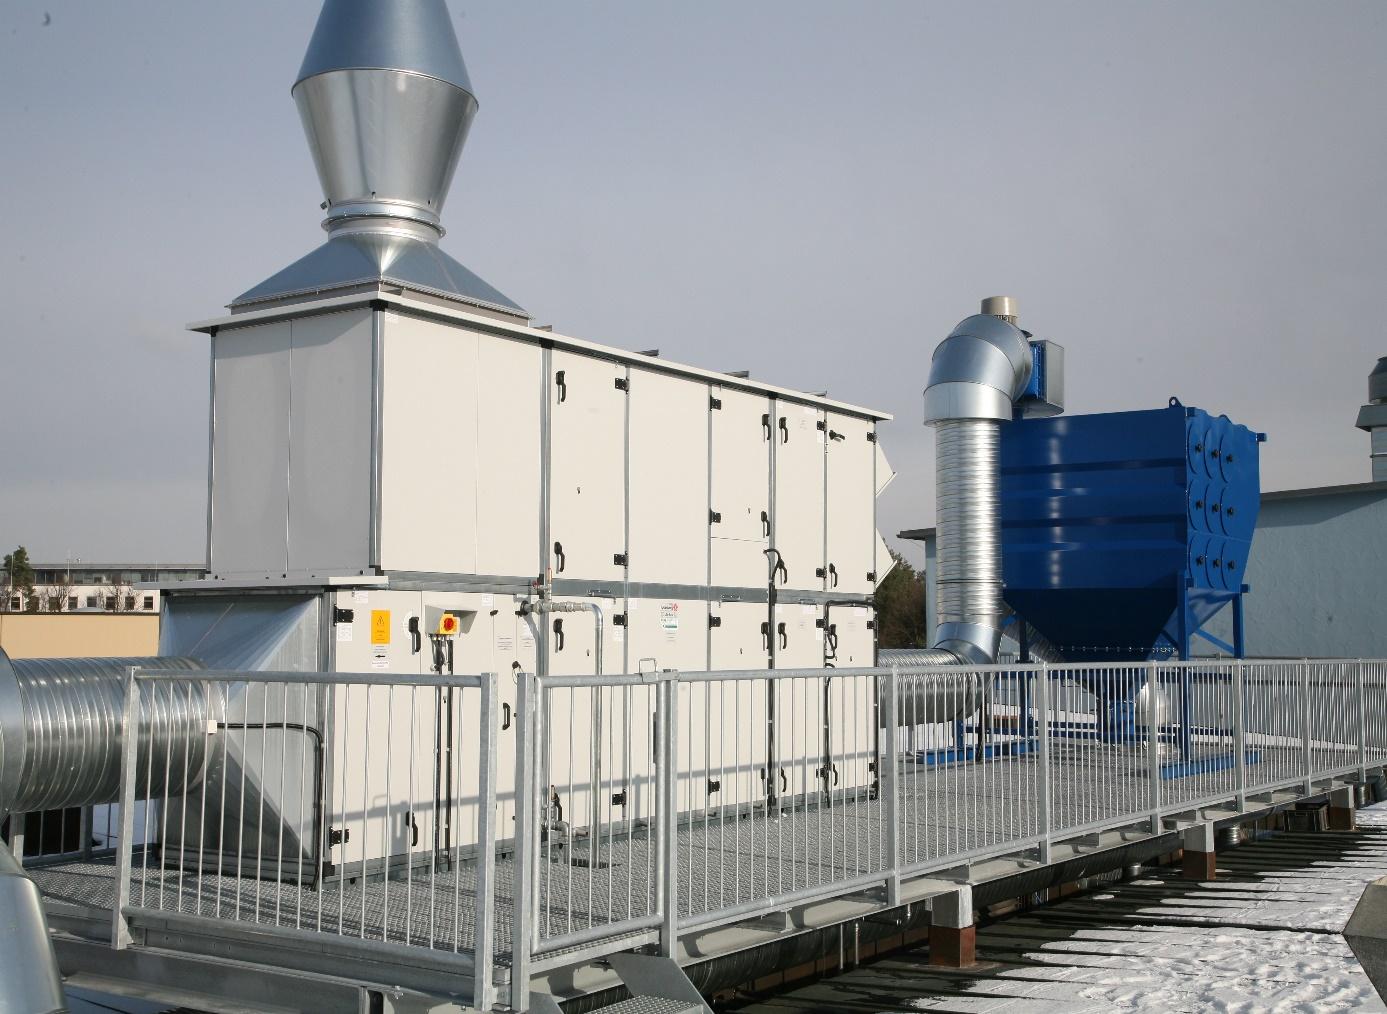 Druckluftabgereinigte Patronenfilteranlage mit Zu- und Abluftanlage sowie Kreuzwärmetauscher (Dachaufstellung)